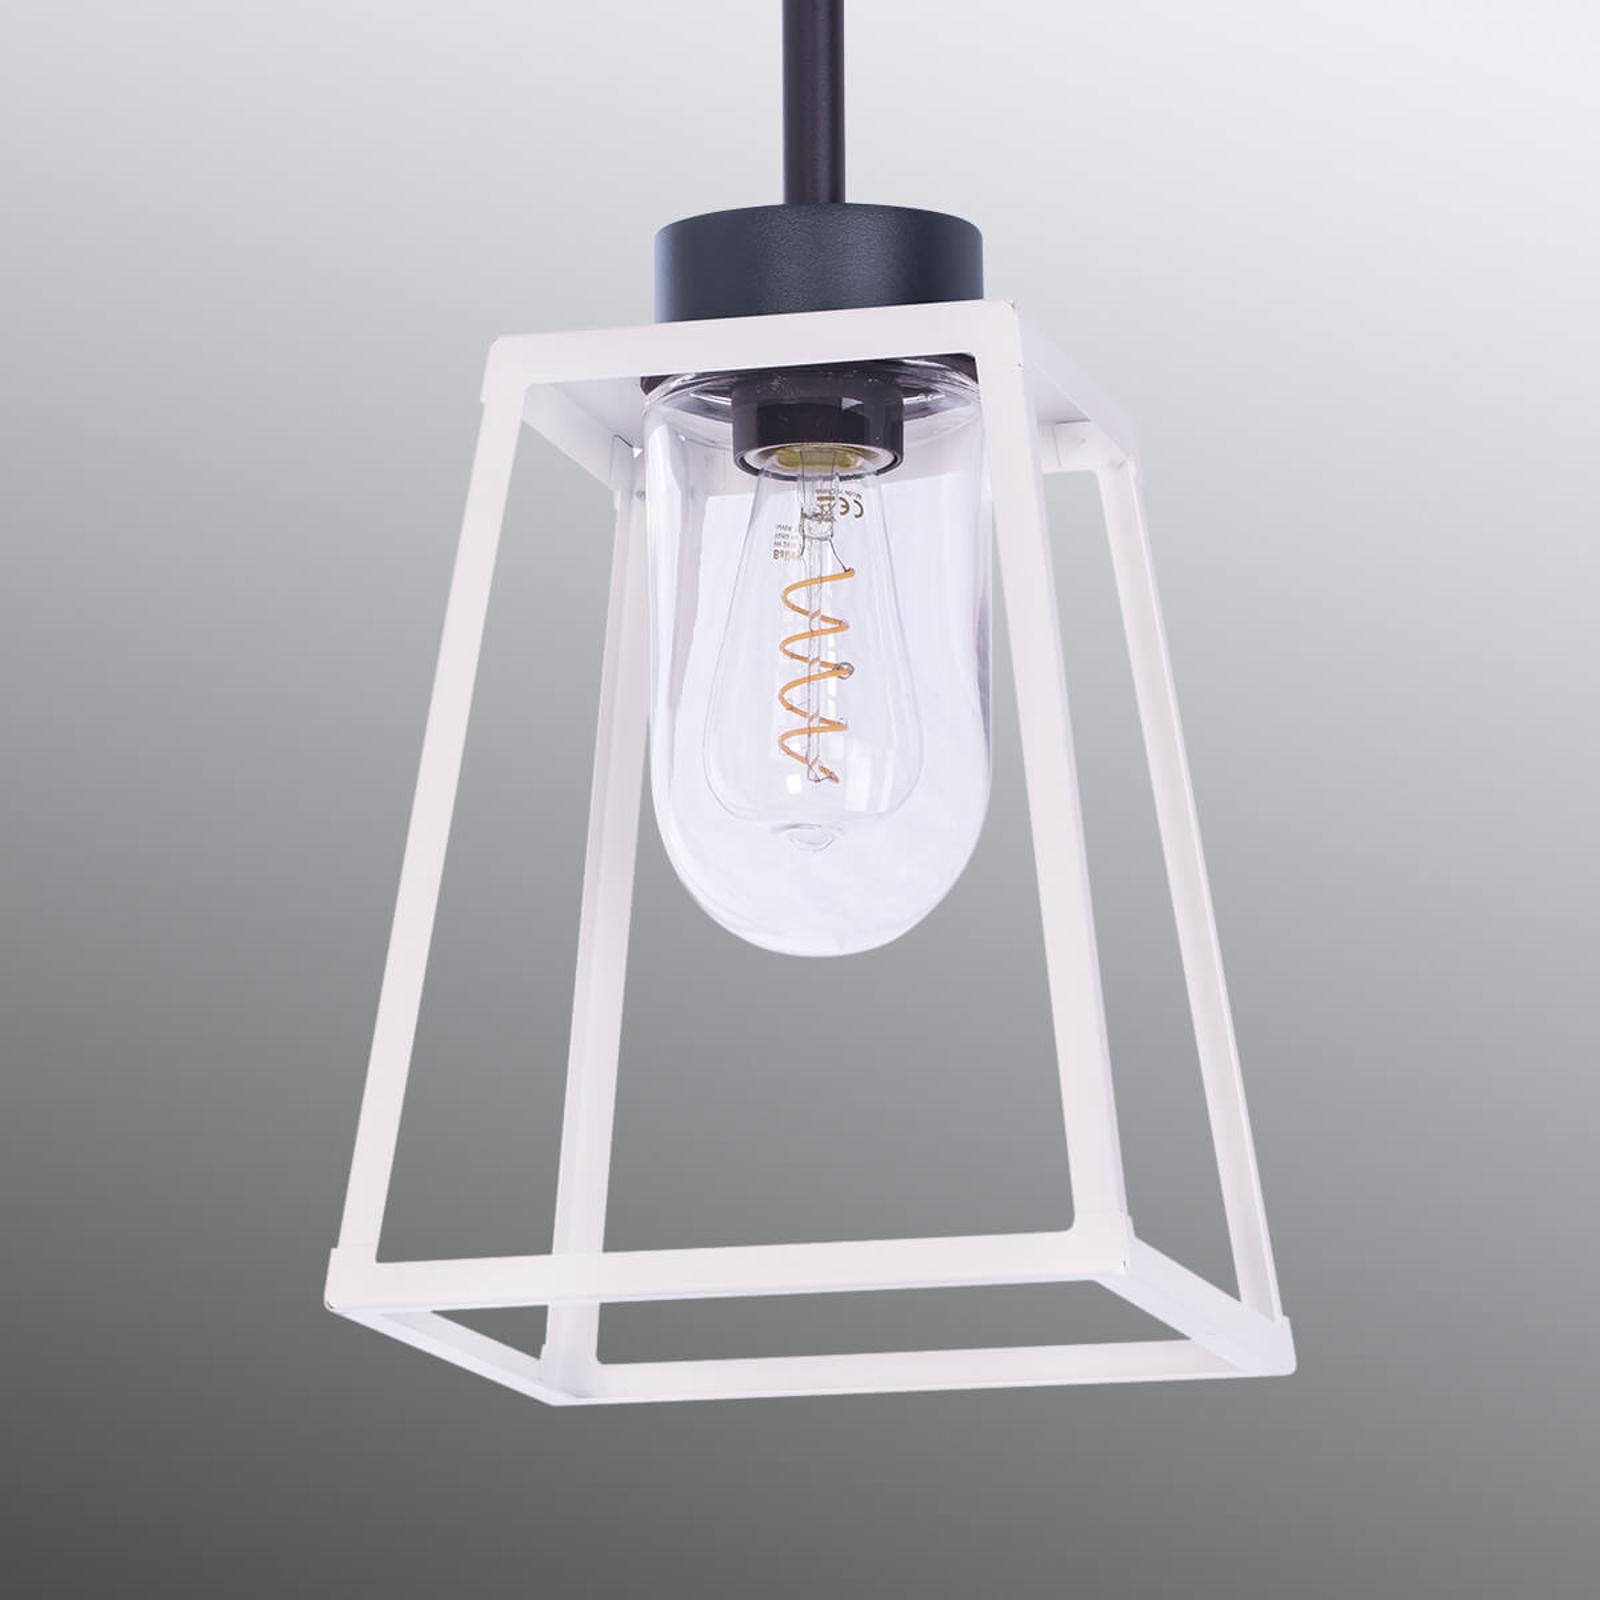 Außen-Hängelampe Lampiok, weiß, 59,2 cm kaufen